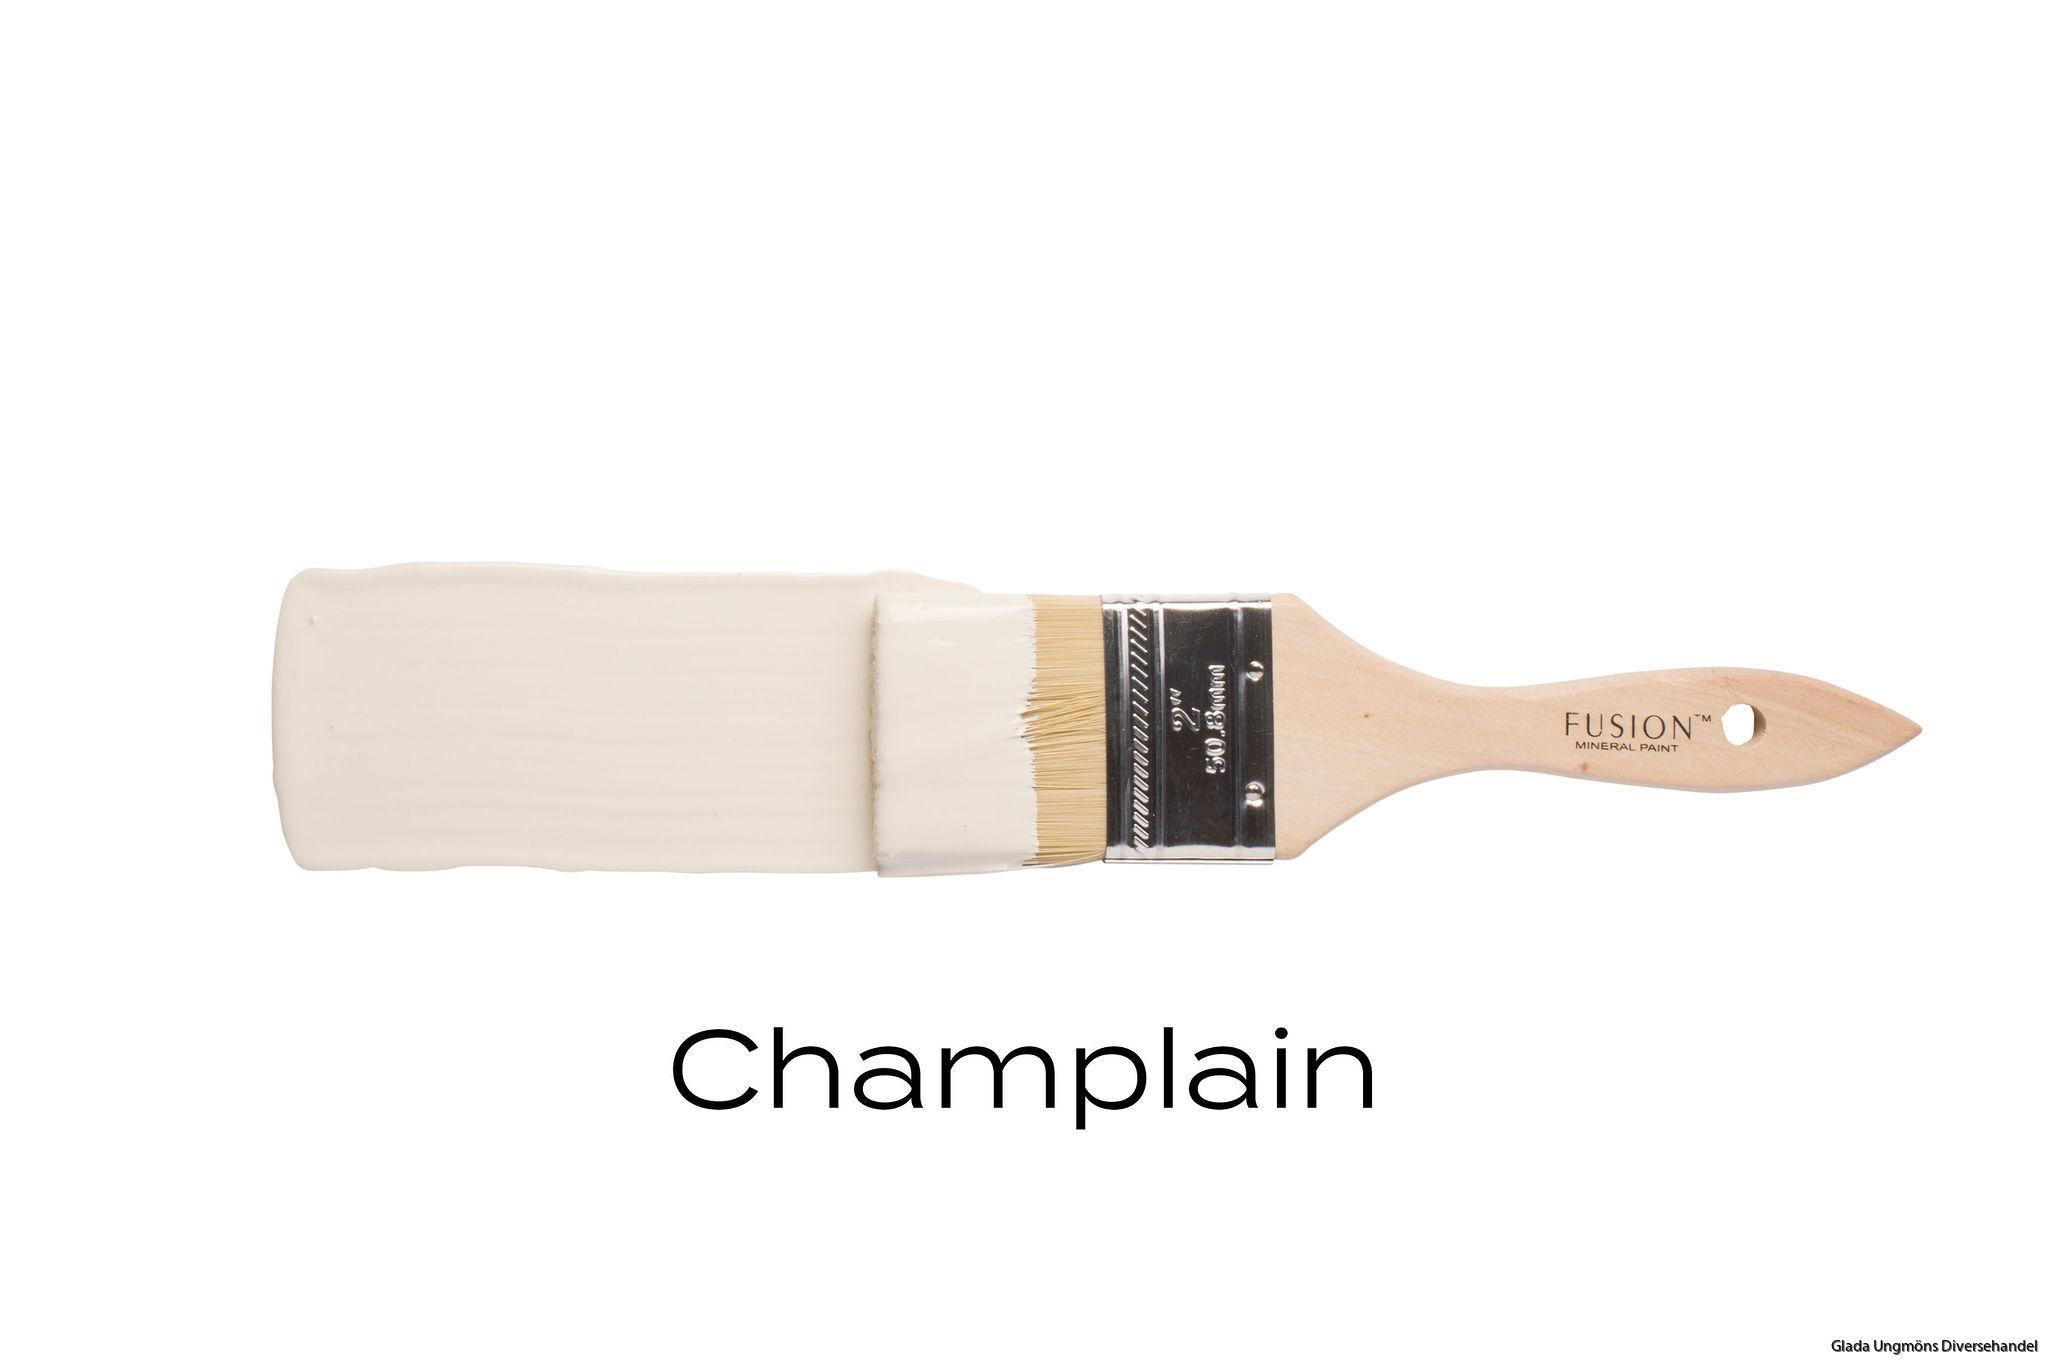 T3CHAMPLAIN